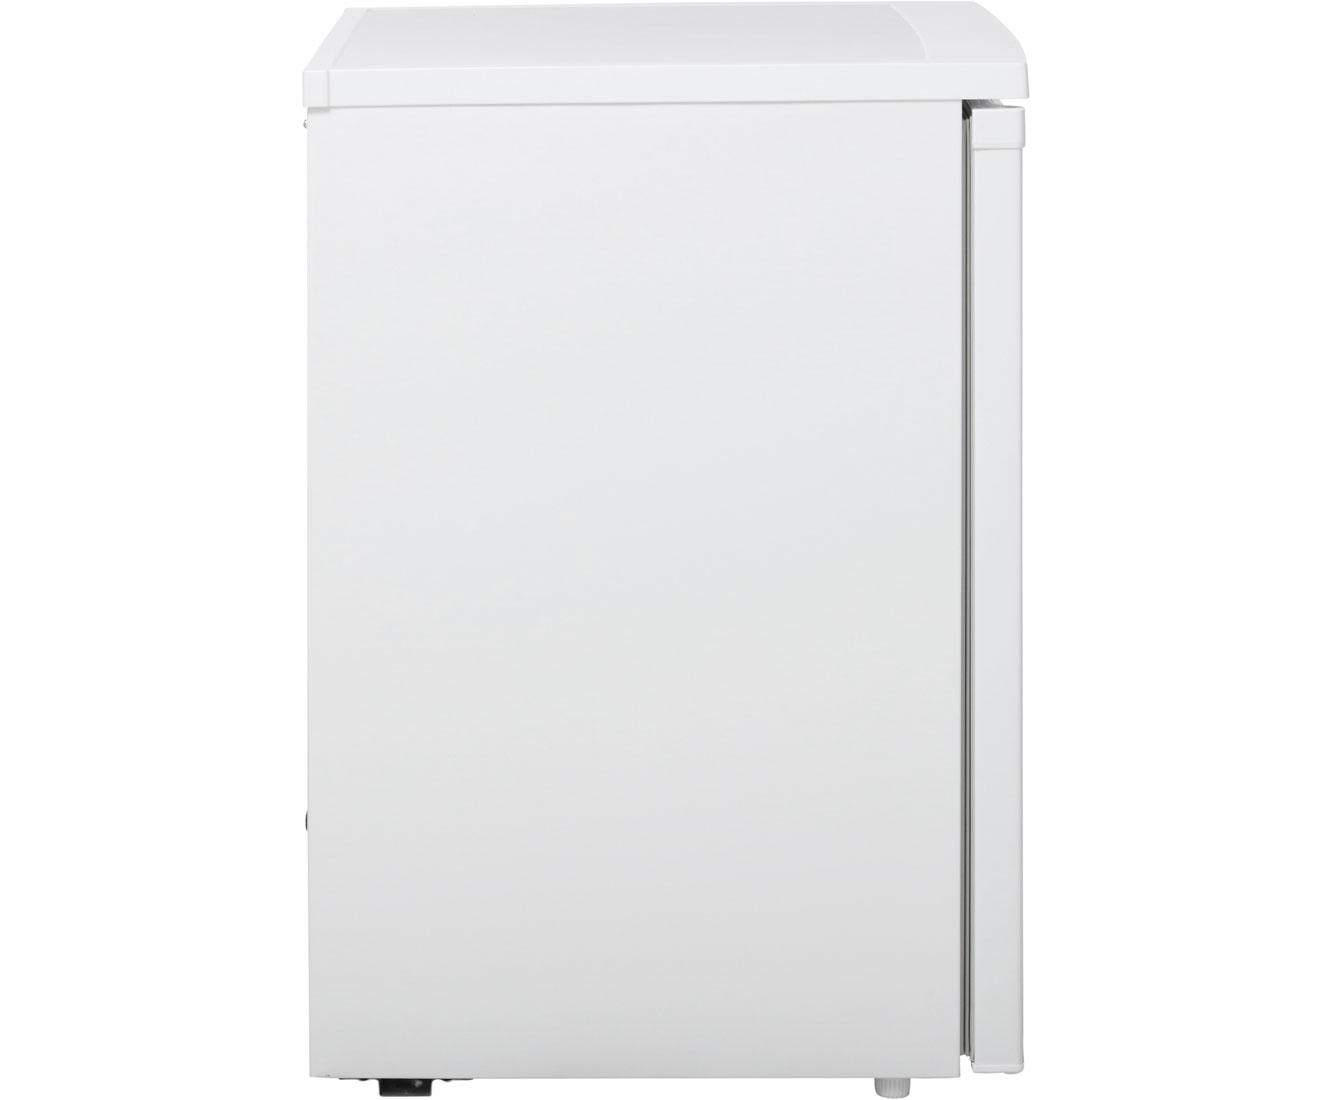 Bomann Kühlschrank Temperatur : Bomann kühlschrank temperatur bomann kühlschrank temperaturregler